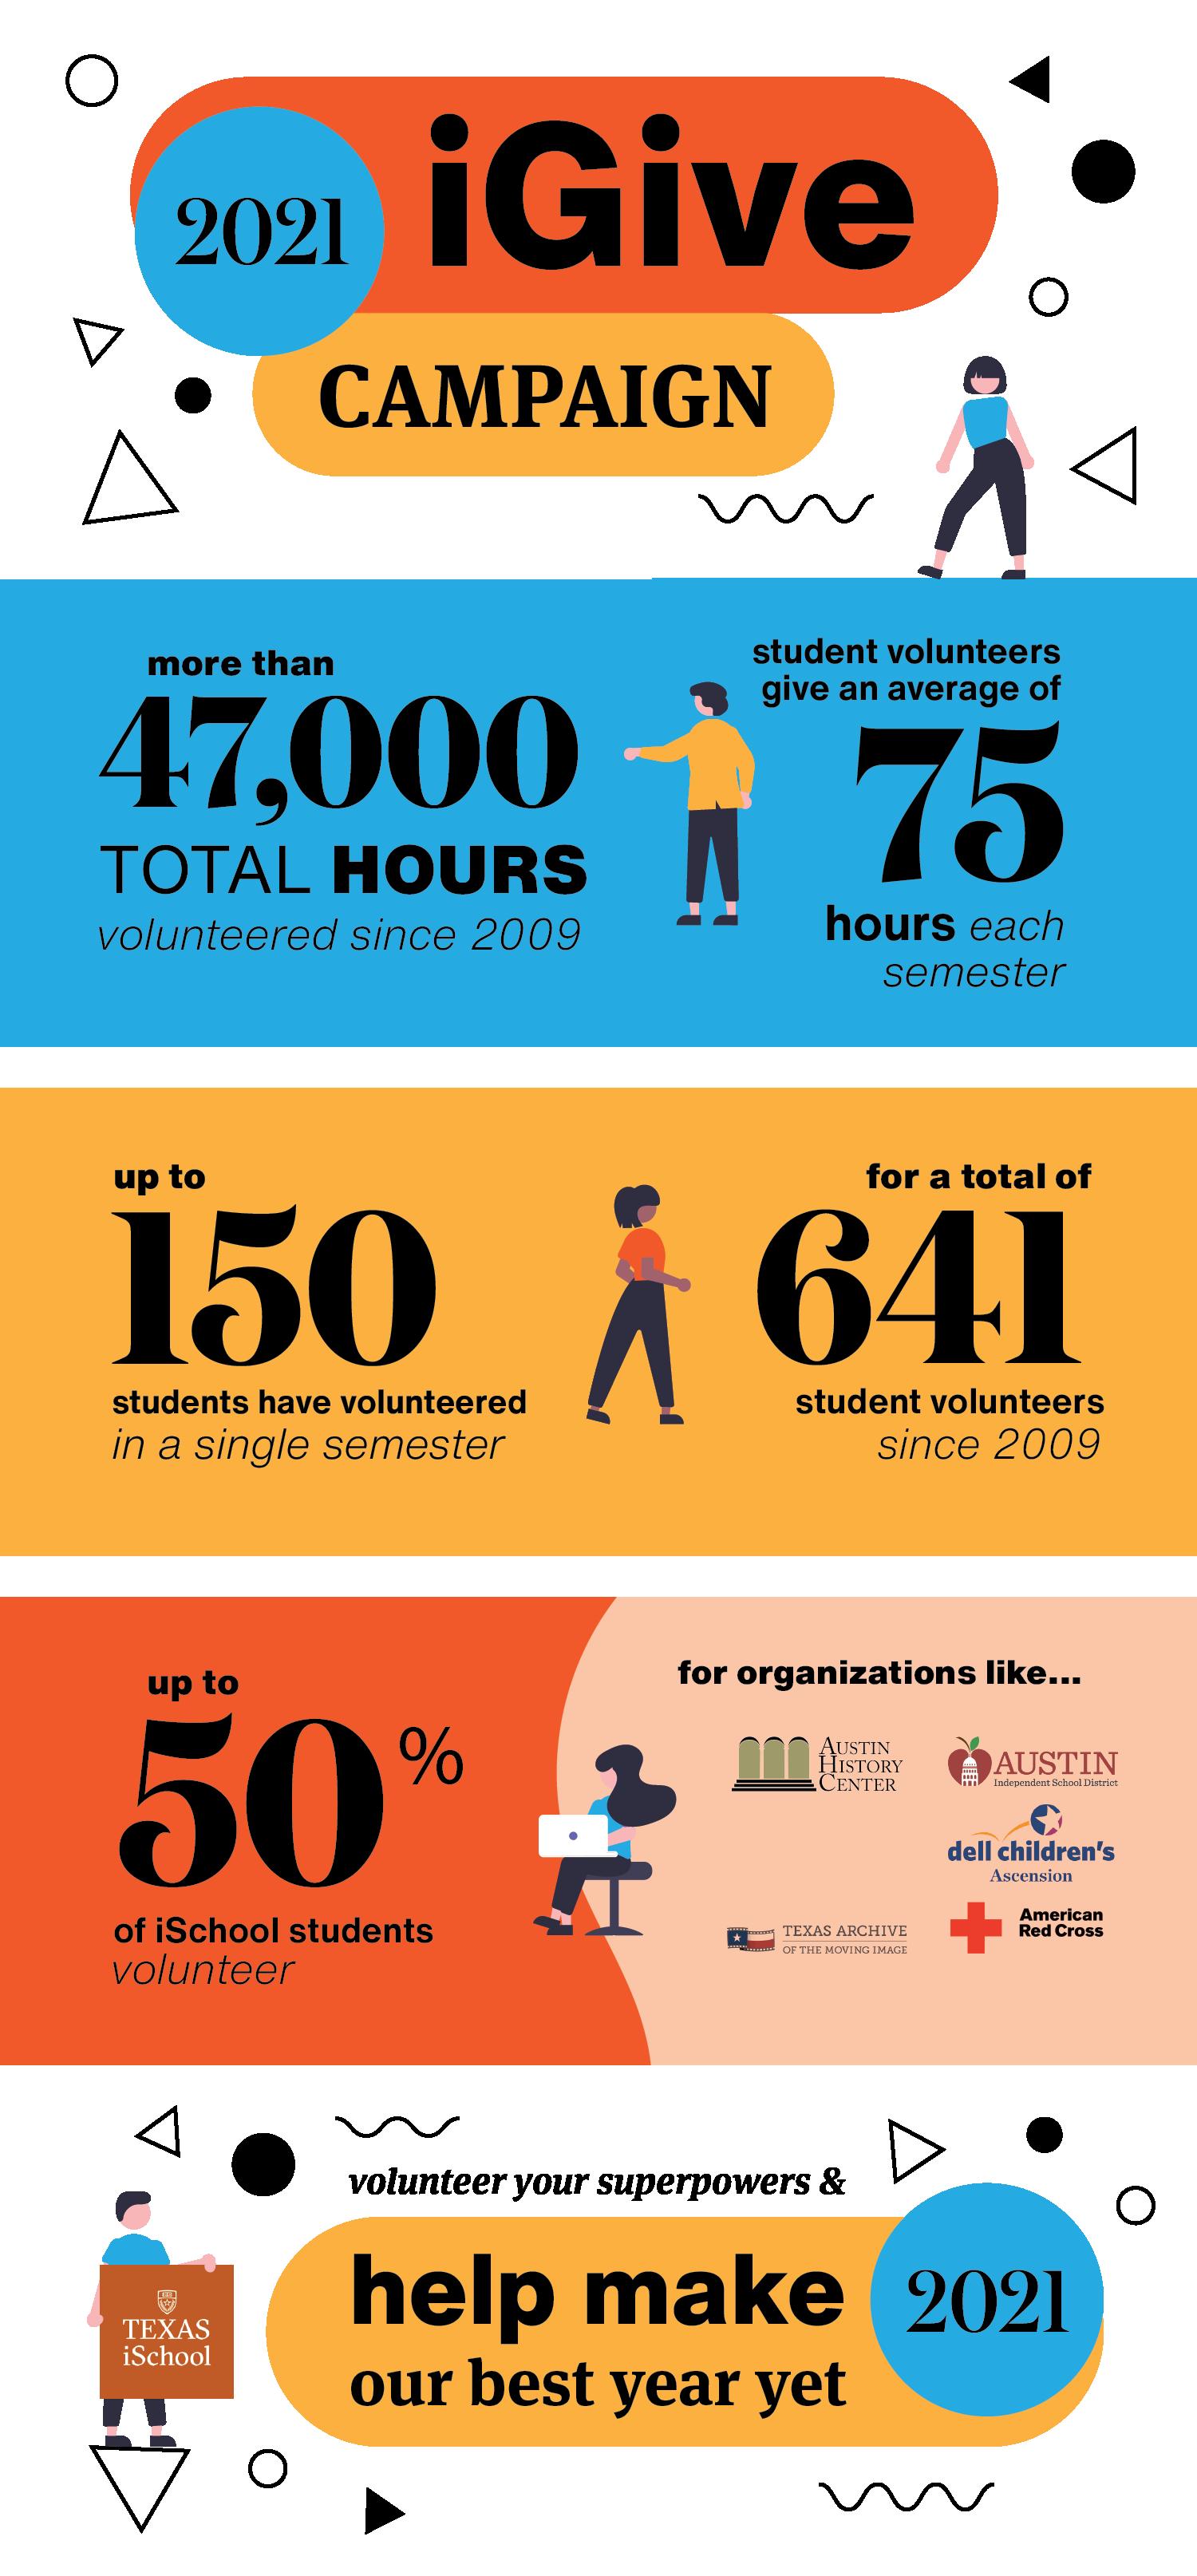 iGive 2021 Infographic